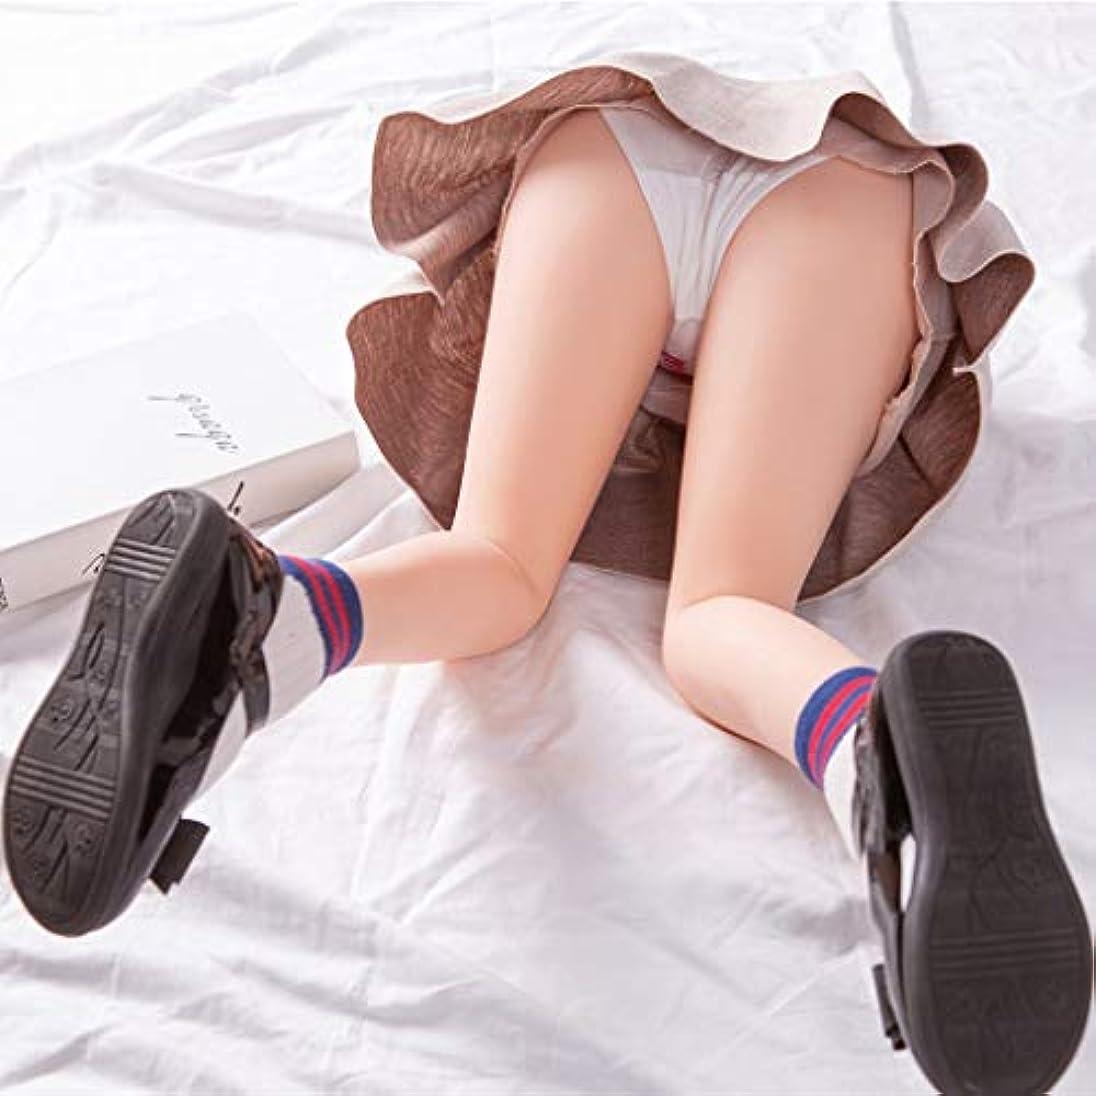 アトラス宣言持つ男性のための現実的なポケットP`üššýes胸、内蔵のスケルトンライフサイズと大人のおもちゃ、フルサイズの女性トルソー2つの穴と、男性セルフプレイのための無料ハンズ (Size : 60cm)